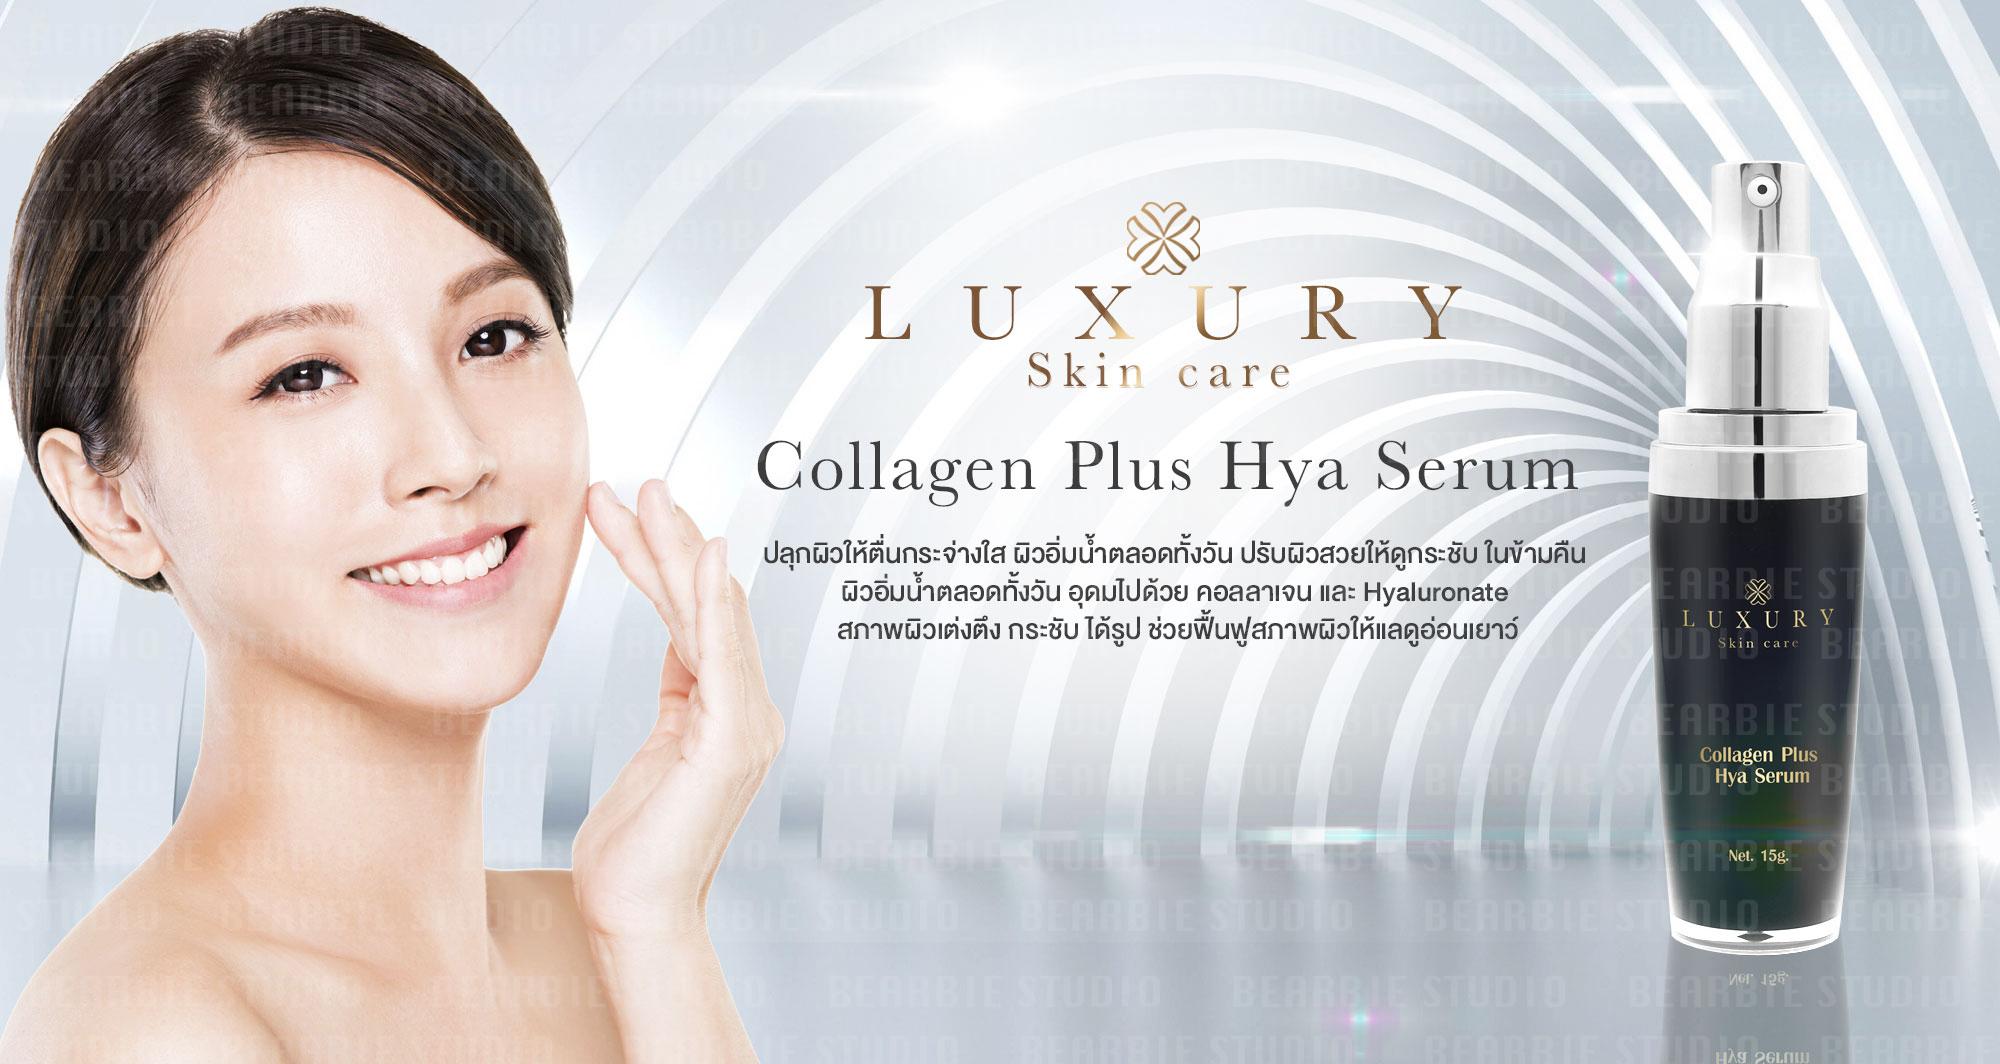 Luxury-7-2